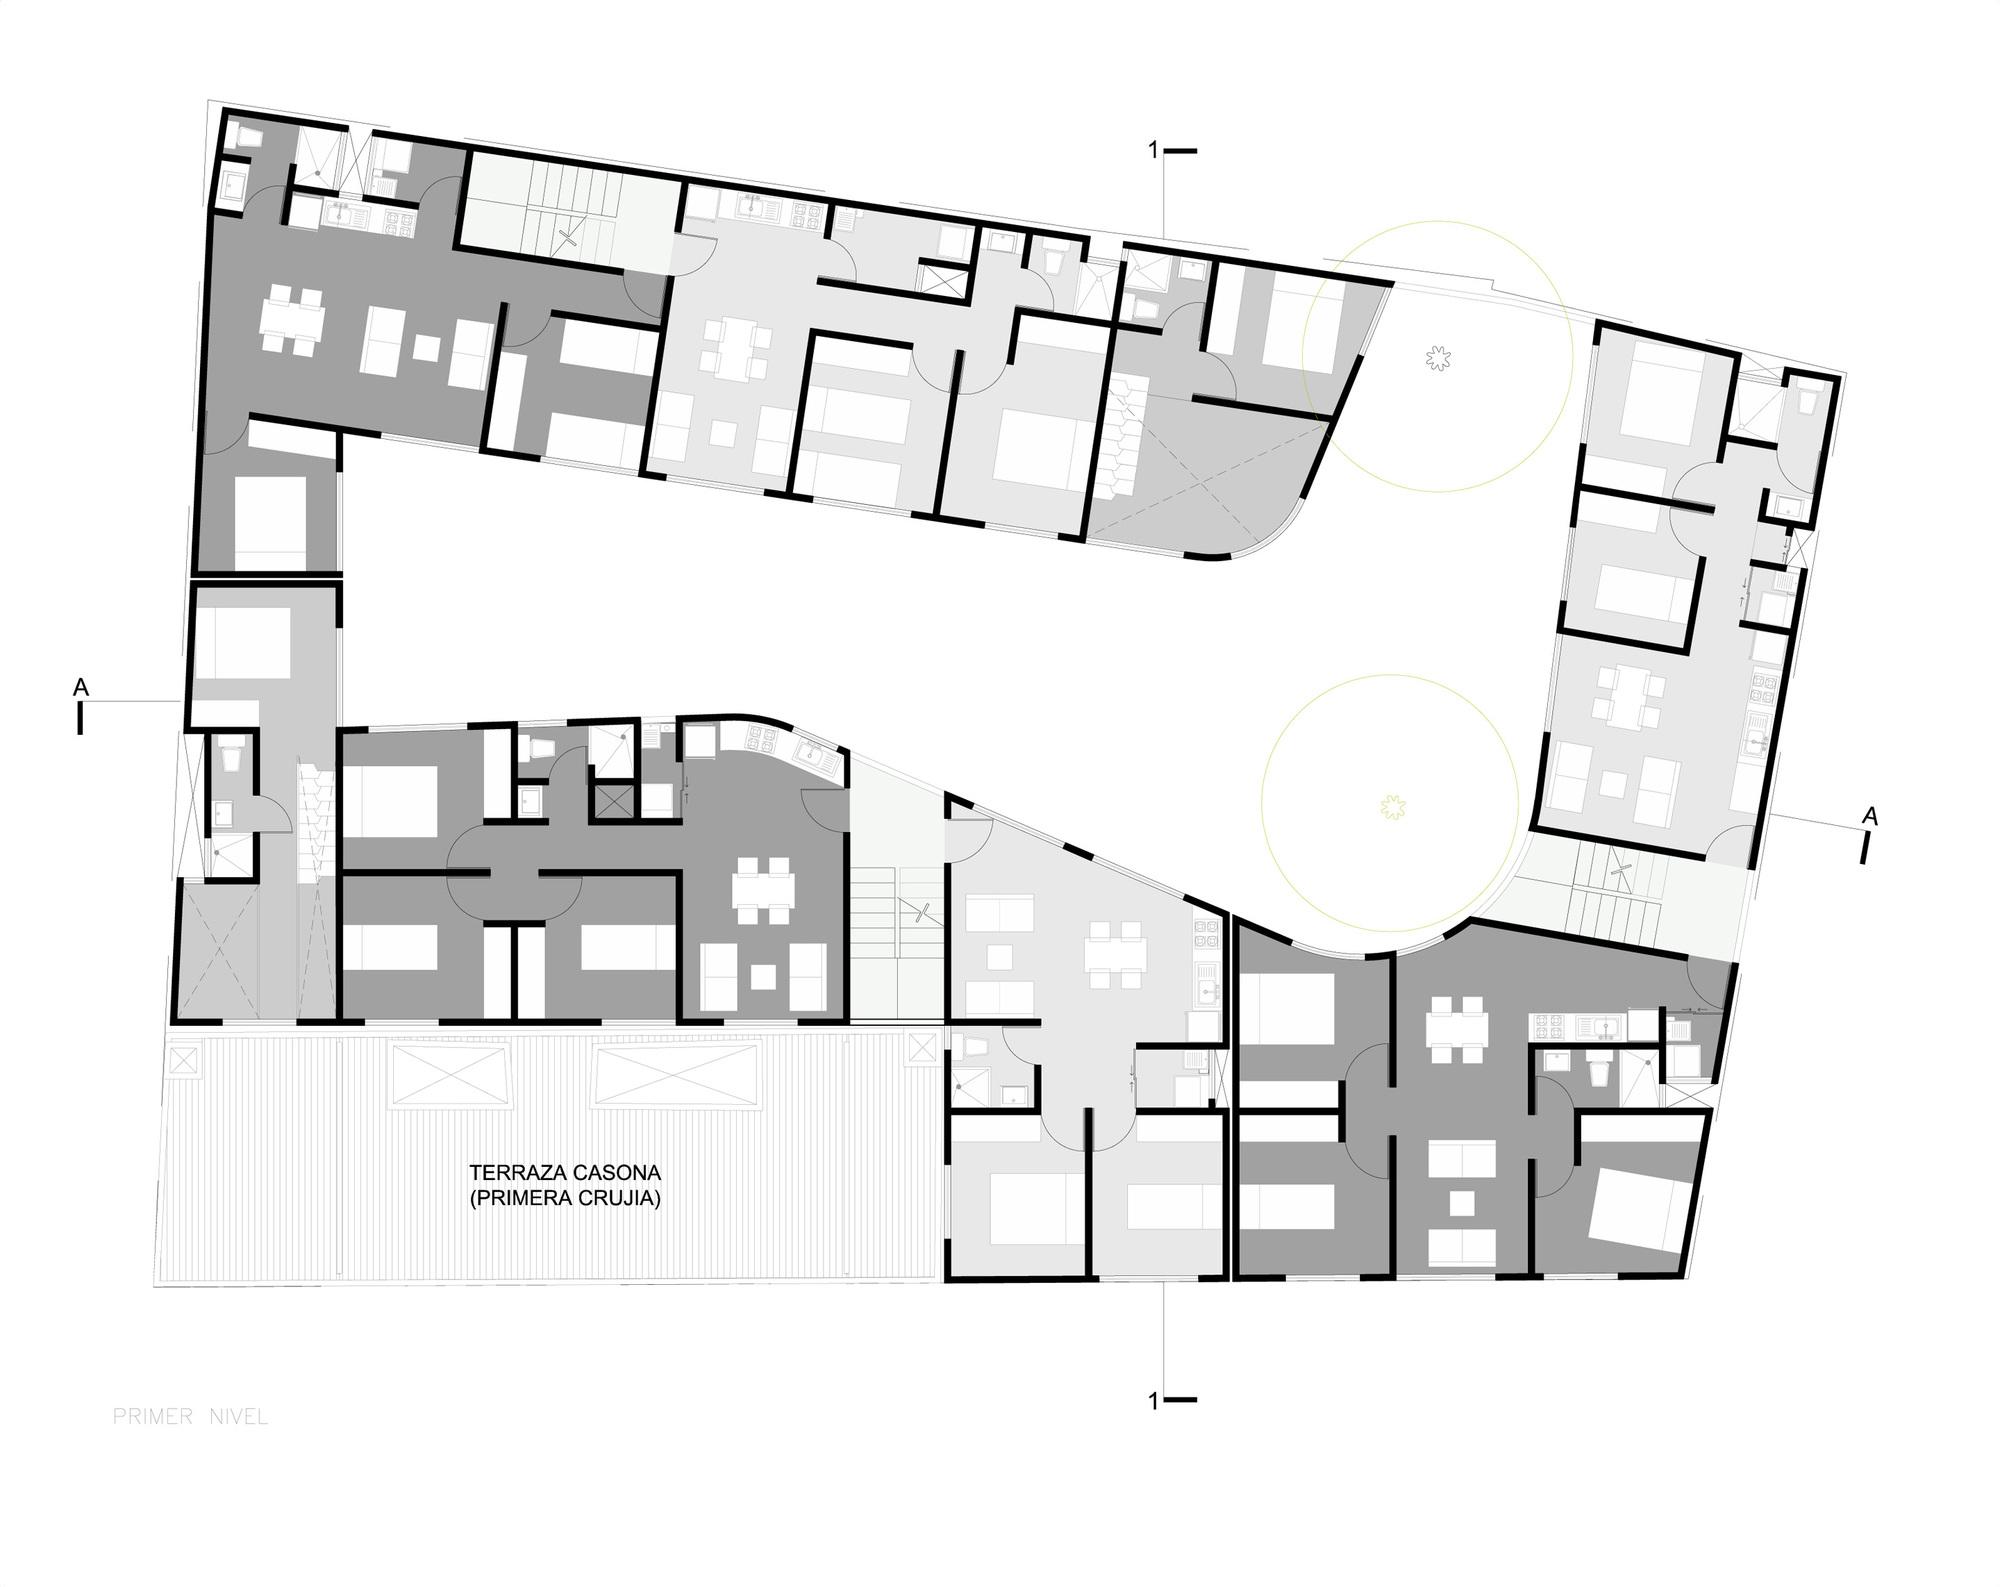 Galer a de cacamatzin 34 dea dise o exterior y - Diseno y arquitectura ...